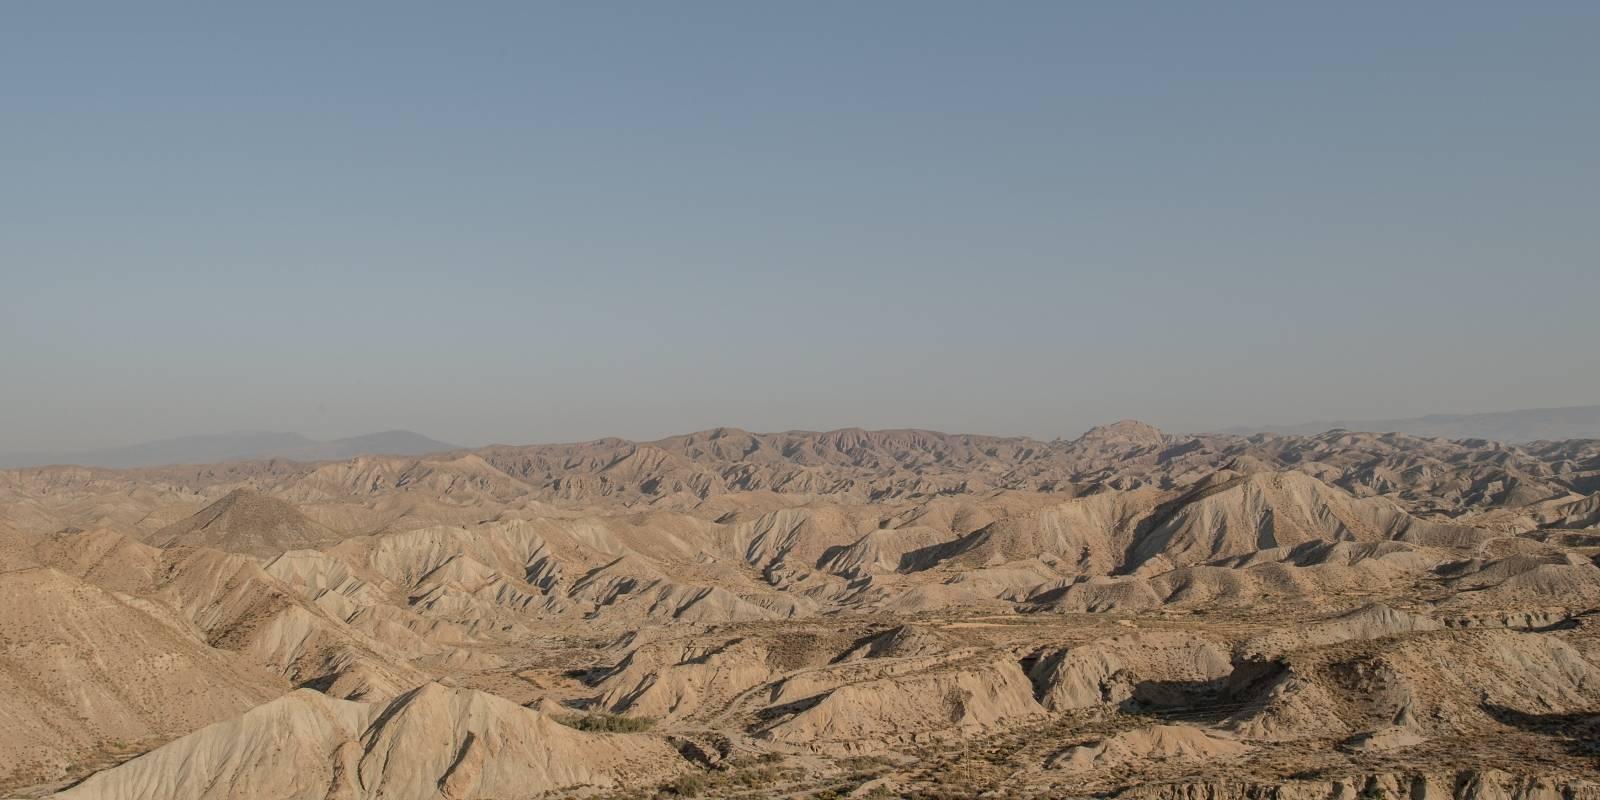 El cambio climático amenaza expandiendo los desiertos. Este, en el sur de España.